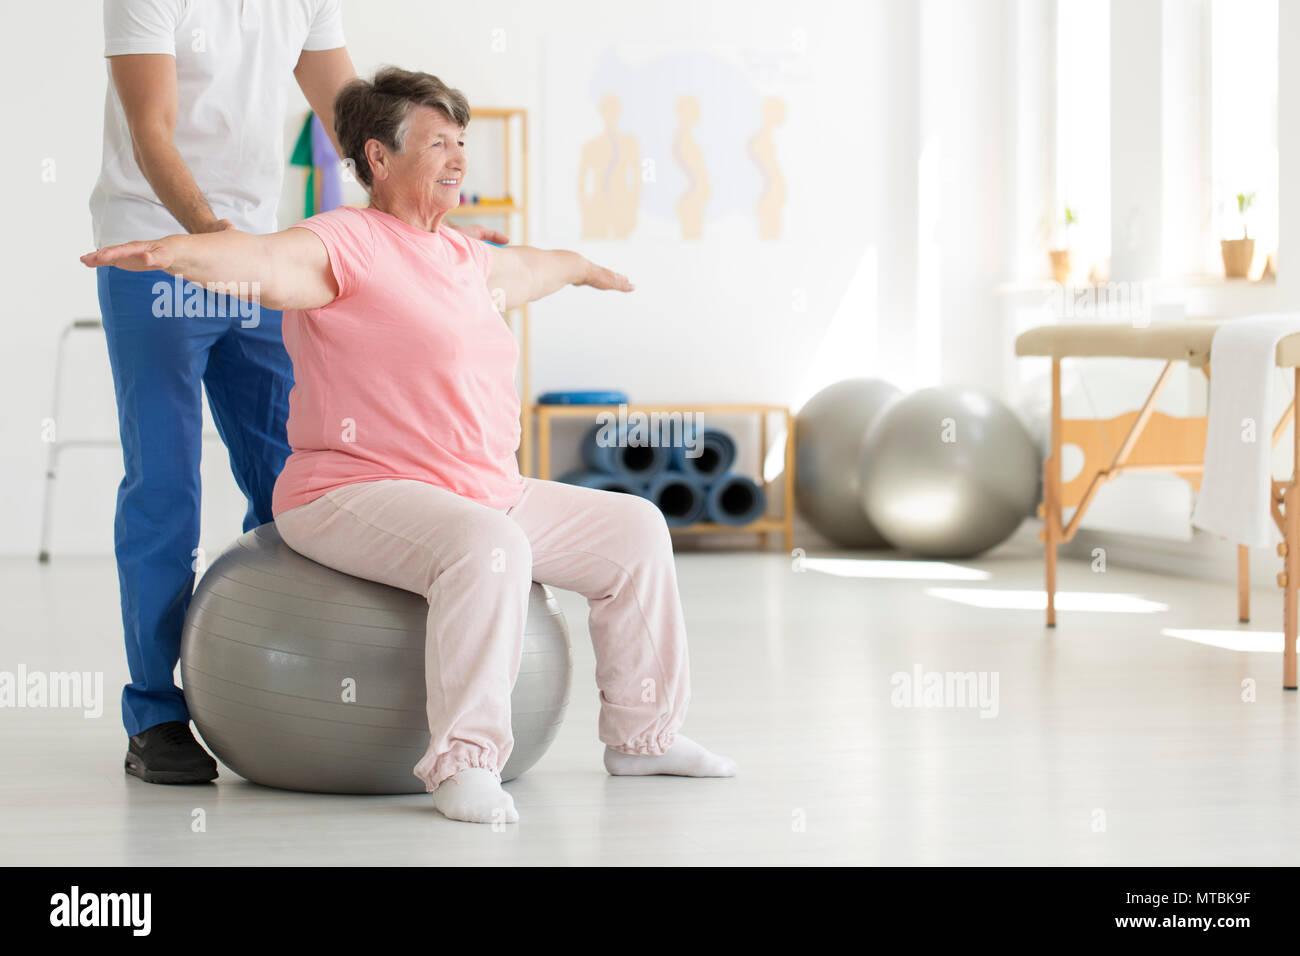 Ältere ältere Gemeinde versuchen, das Gleichgewicht zu halten, während er auf dem grauen Fit Ball, während durch die physiotherapeutin unterstützt werden Stockbild